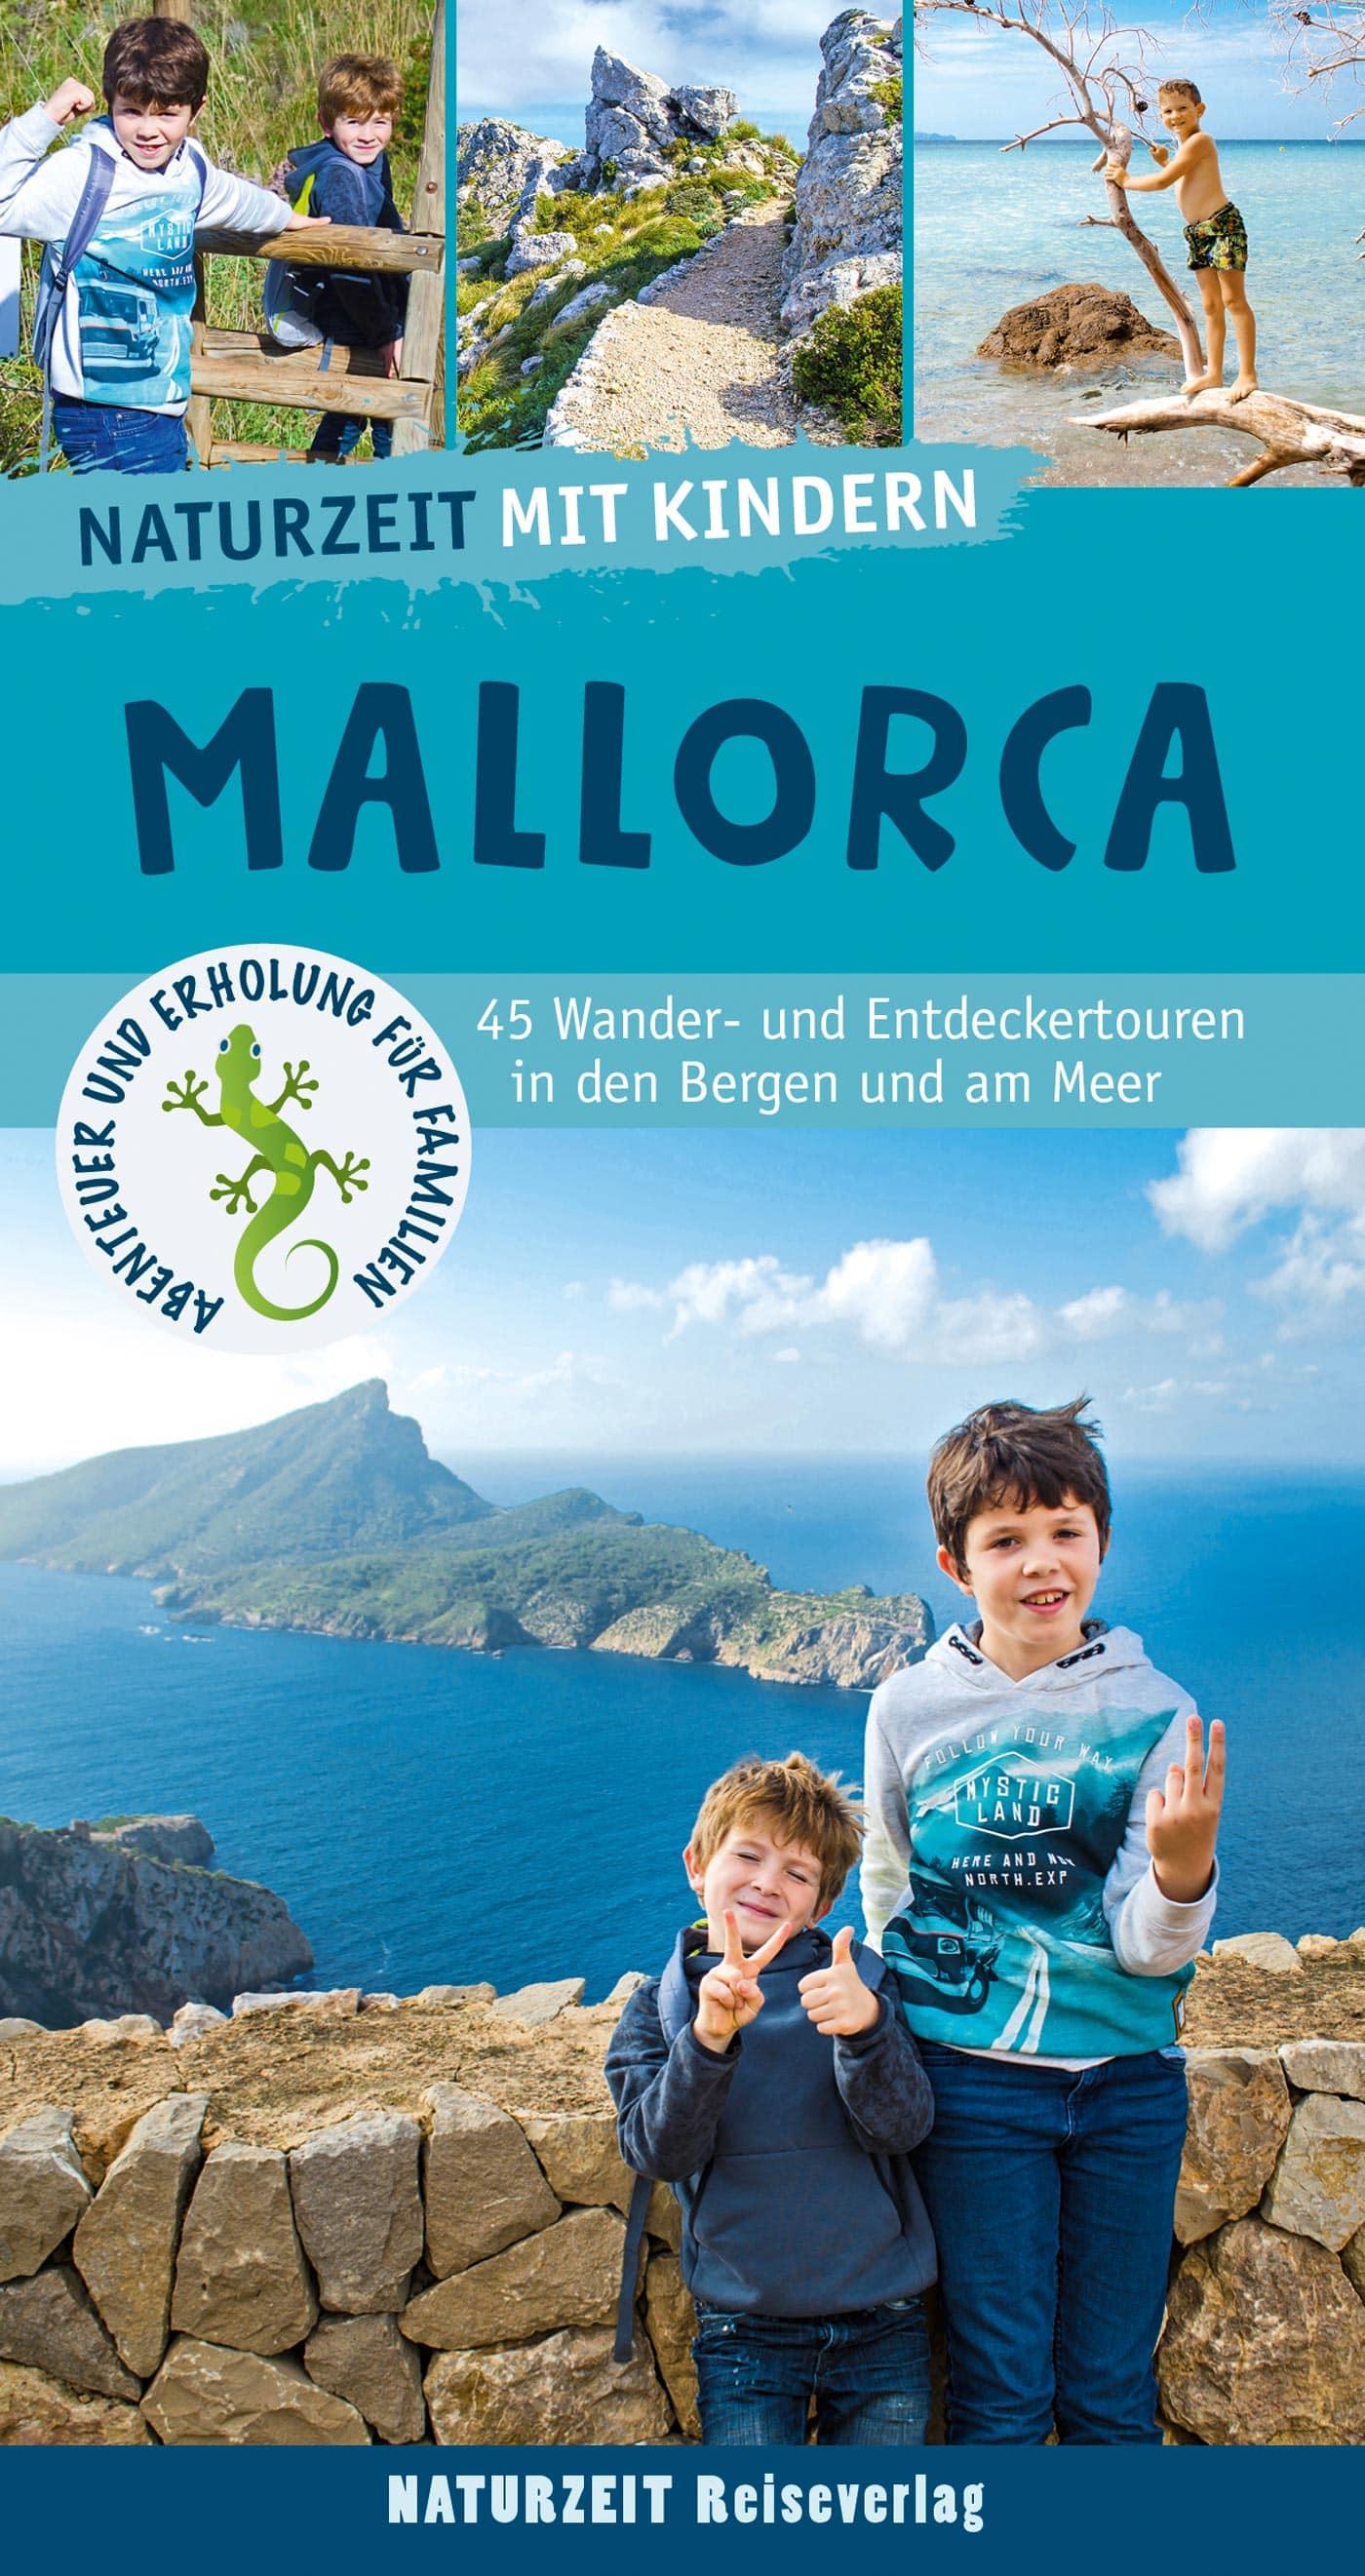 Familienreiseführer: Naturzeit mit KIndern auf Mallorca // HIMBEER